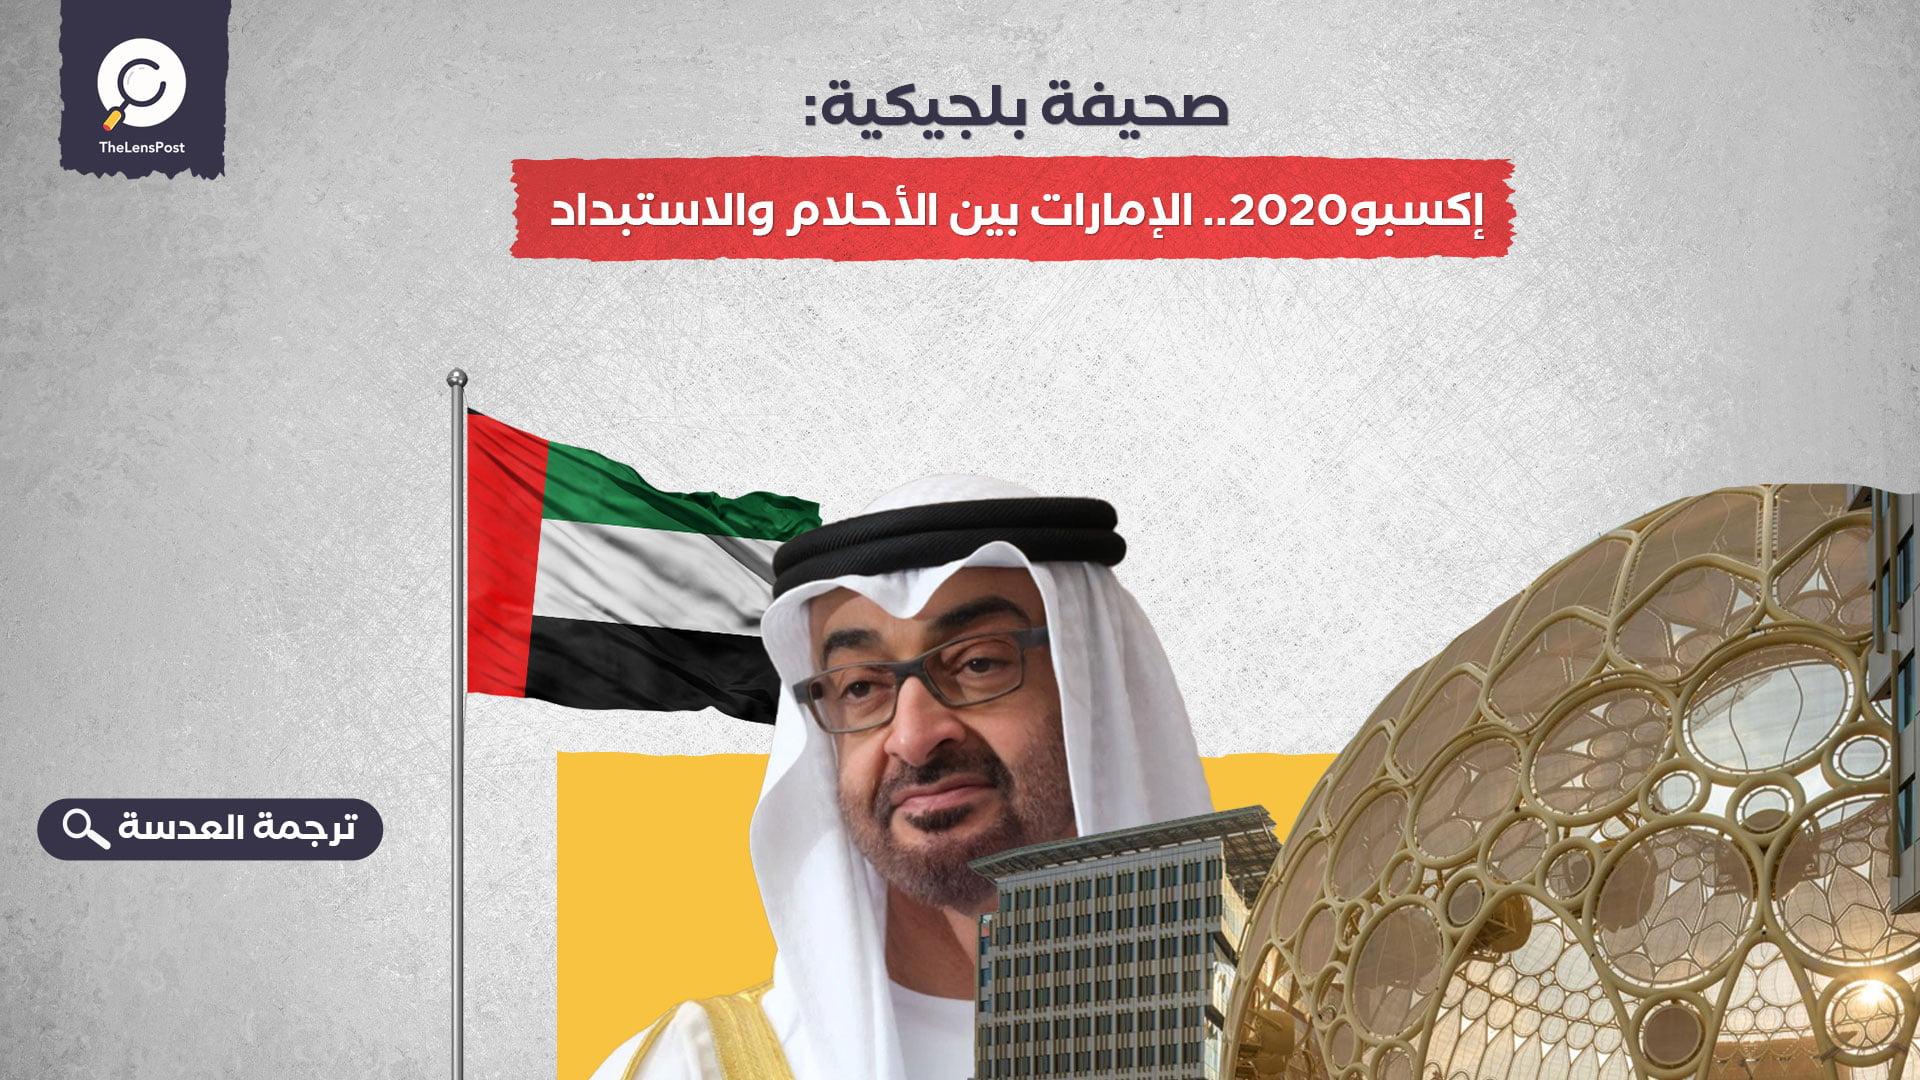 صحيفة بلجيكية: إكسبو2020.. الإمارات بين الأحلام والاستبداد